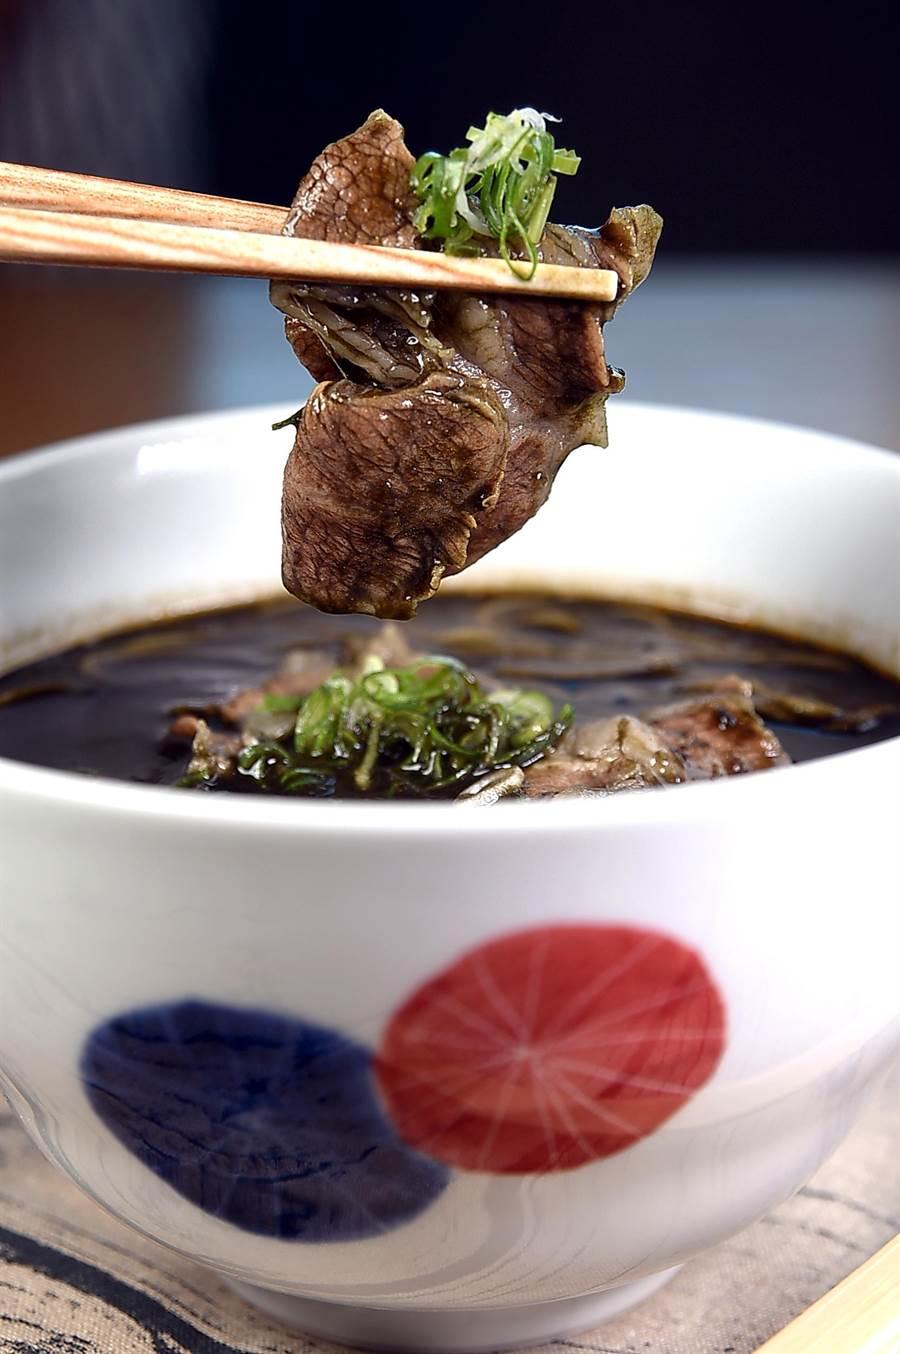 〈豬肉黑咖哩蕎麥麵〉的黑色咖哩湯,是用大量炒過的洋蔥、胡蘿蔔、2種咖哩醬,並加了無味竹炭粉熬製,非常特別。(攝影/姚舜)